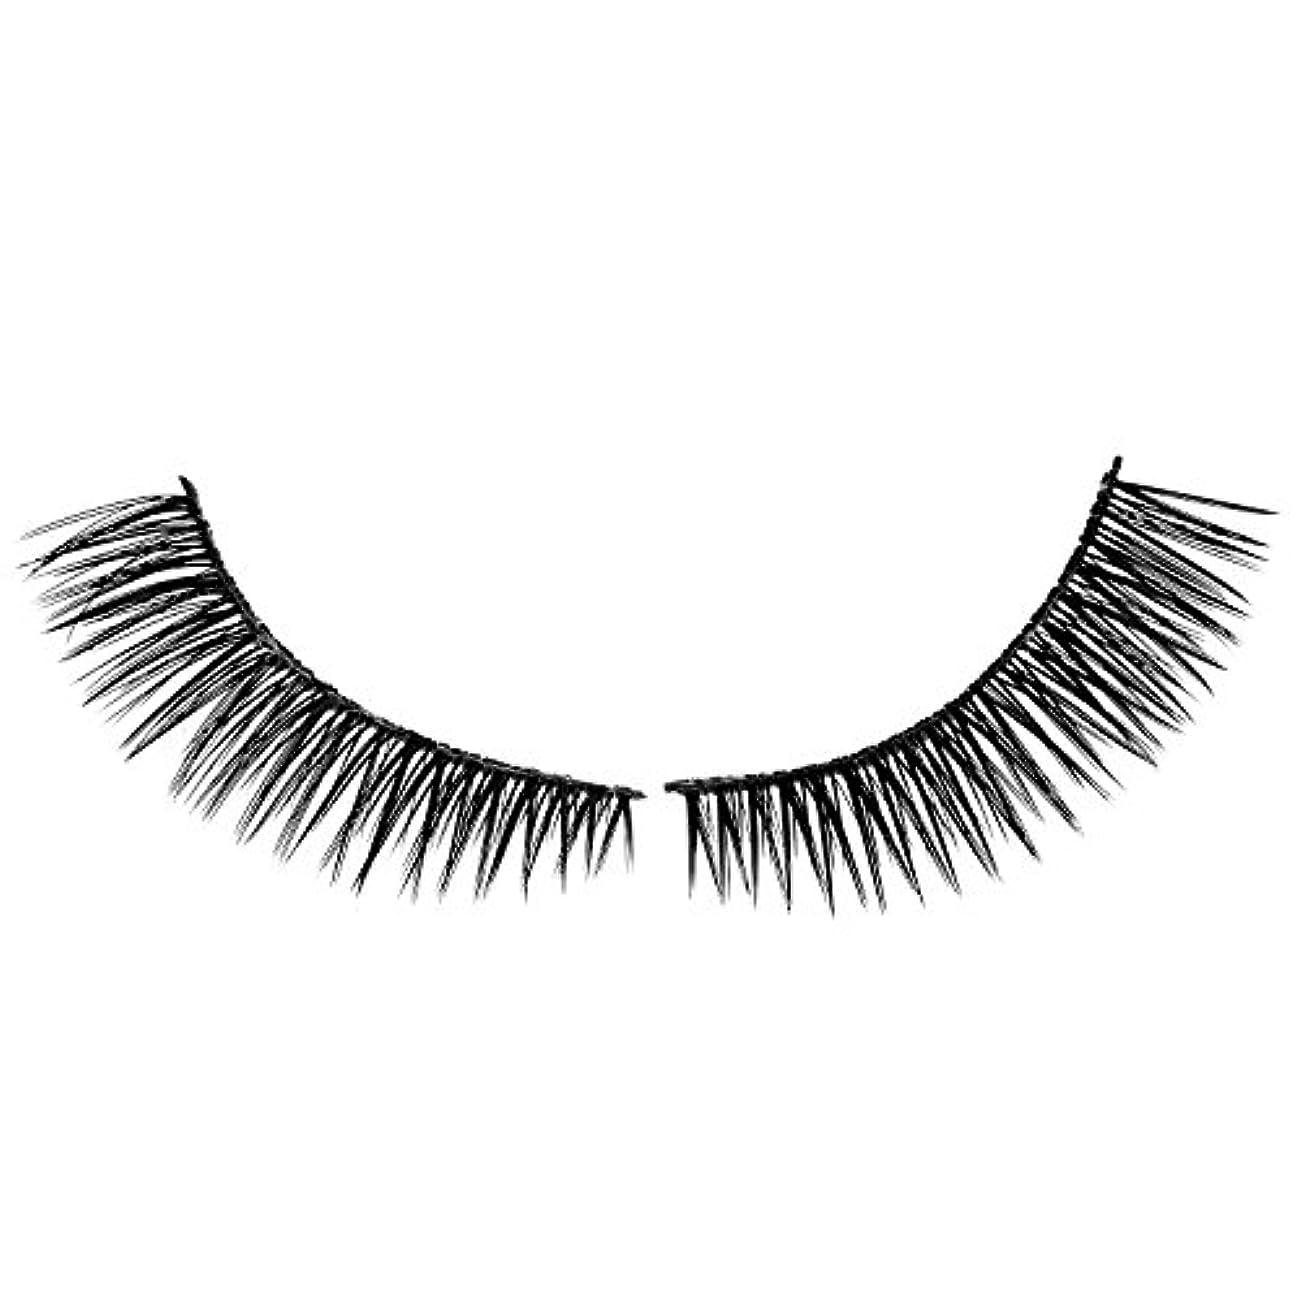 魔女血統バスケットボールSODIAL 1組つけまつげ人工睫毛自然美容メイクつけまつげ018